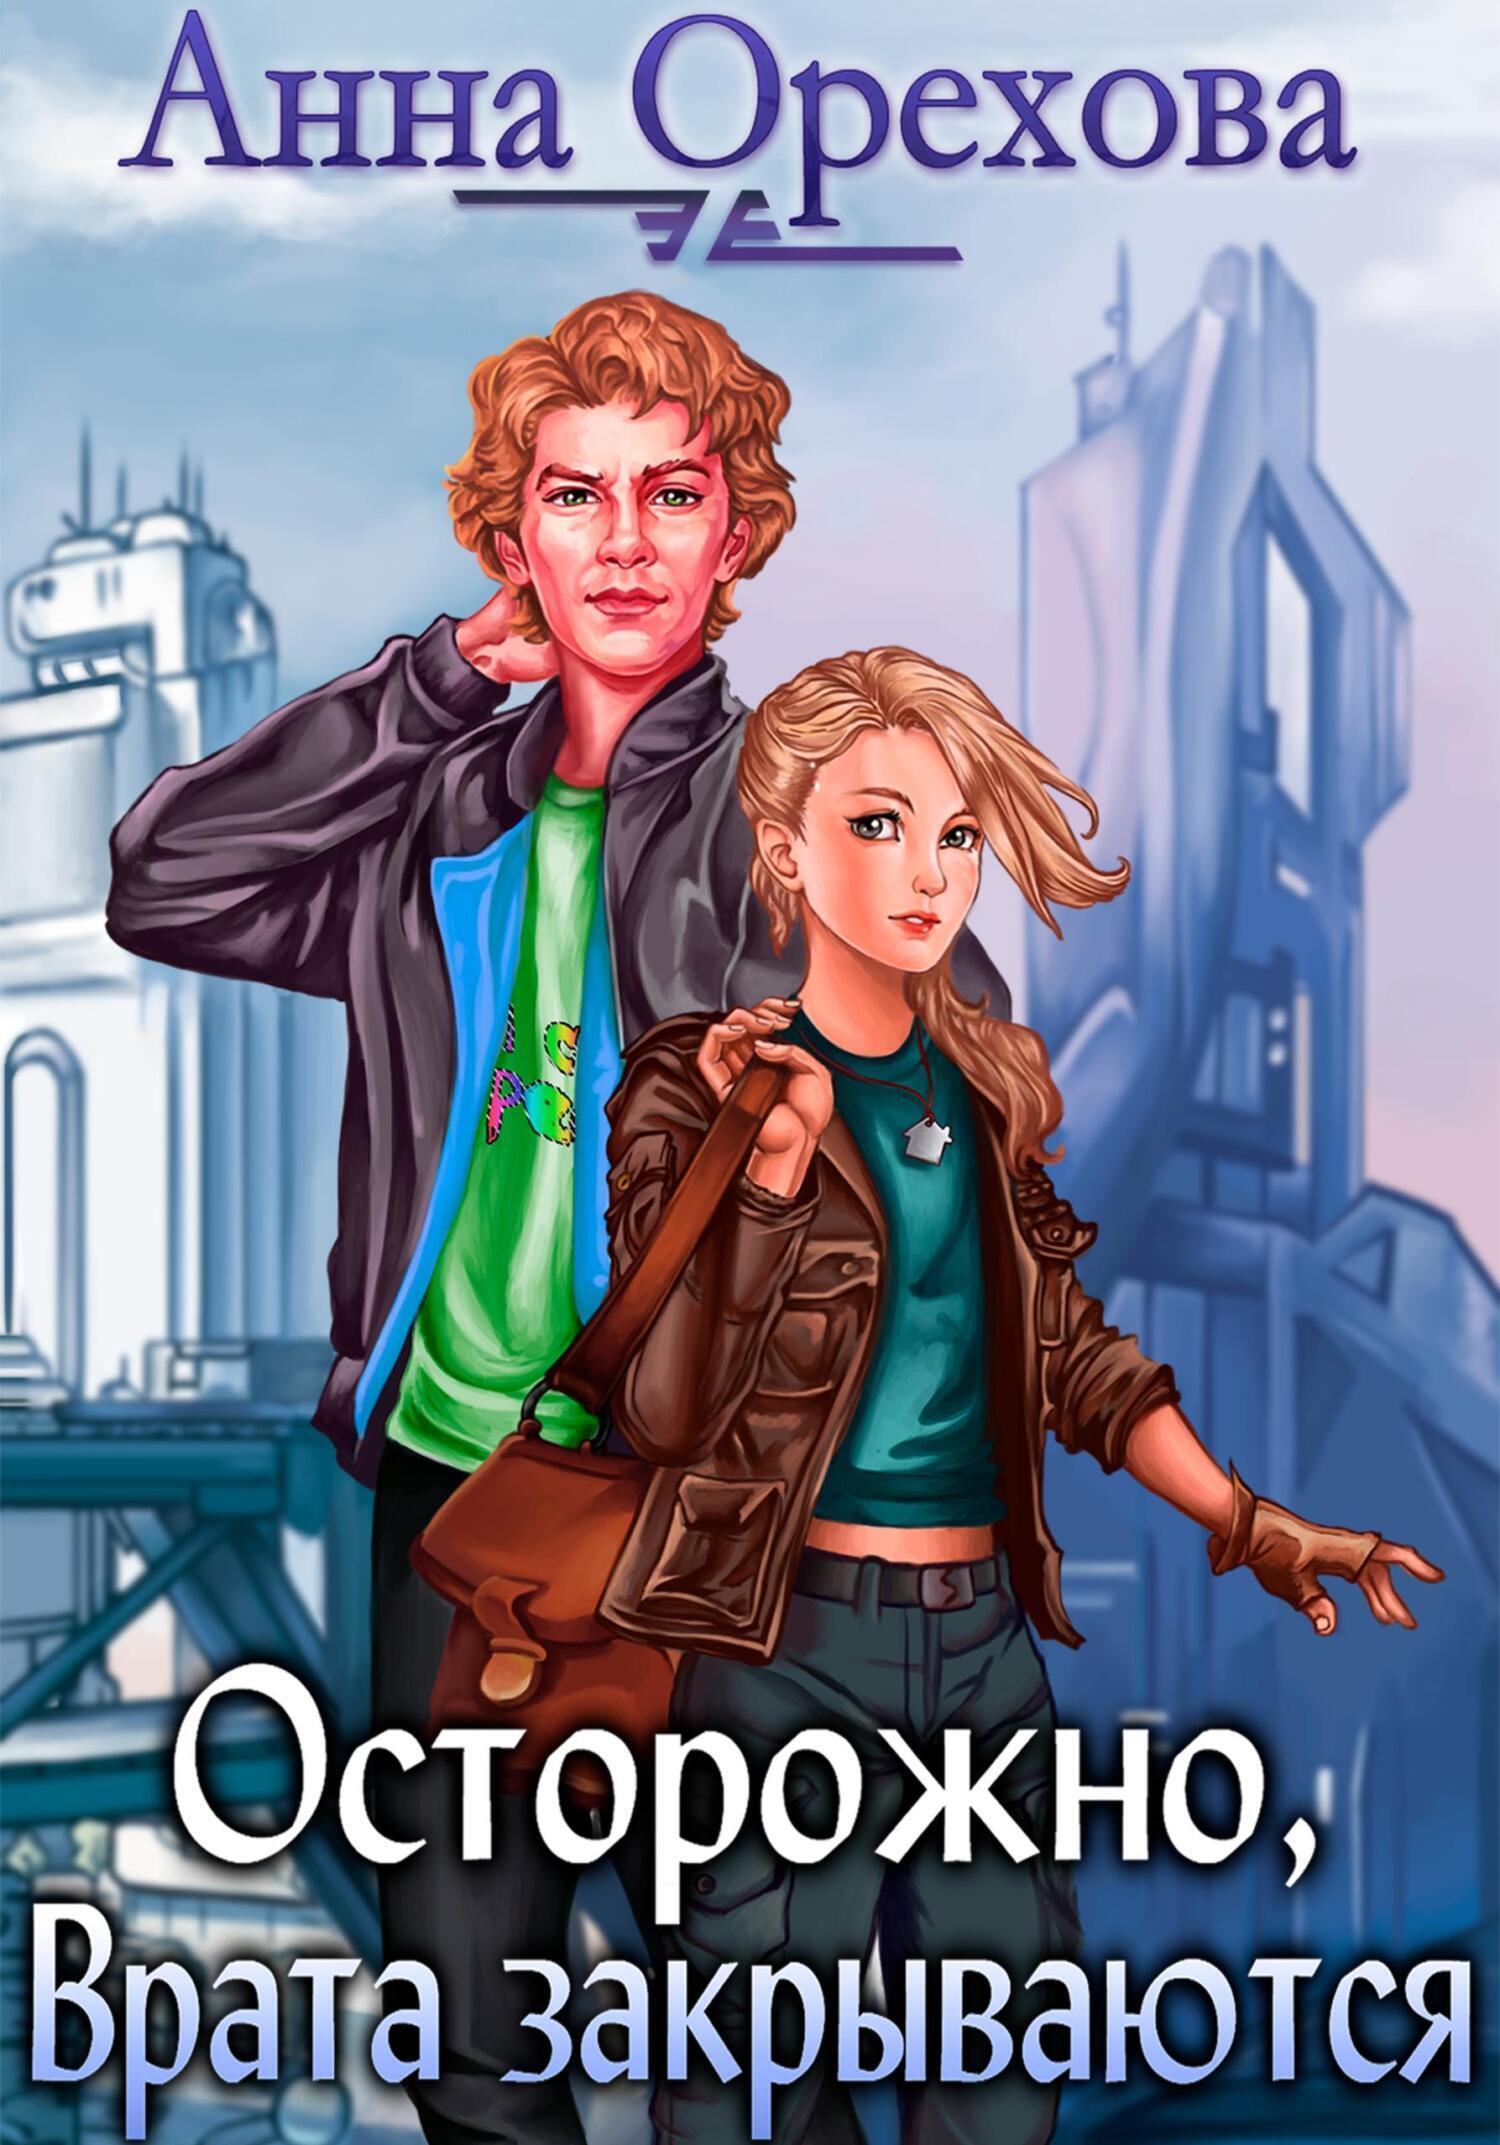 Анна Орехова Осторожно, Врата закрываются